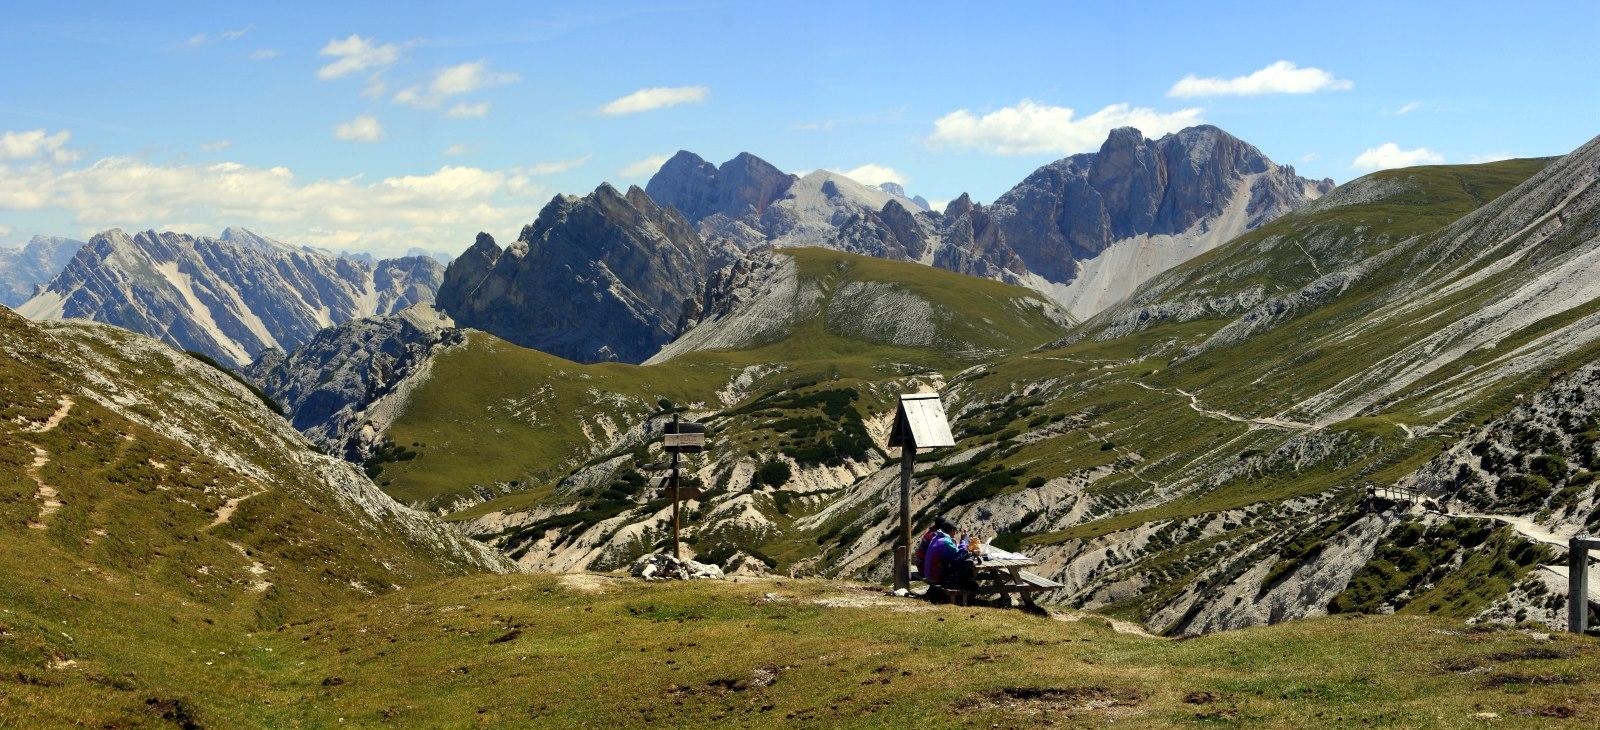 San Vigilio Dolomites Italy